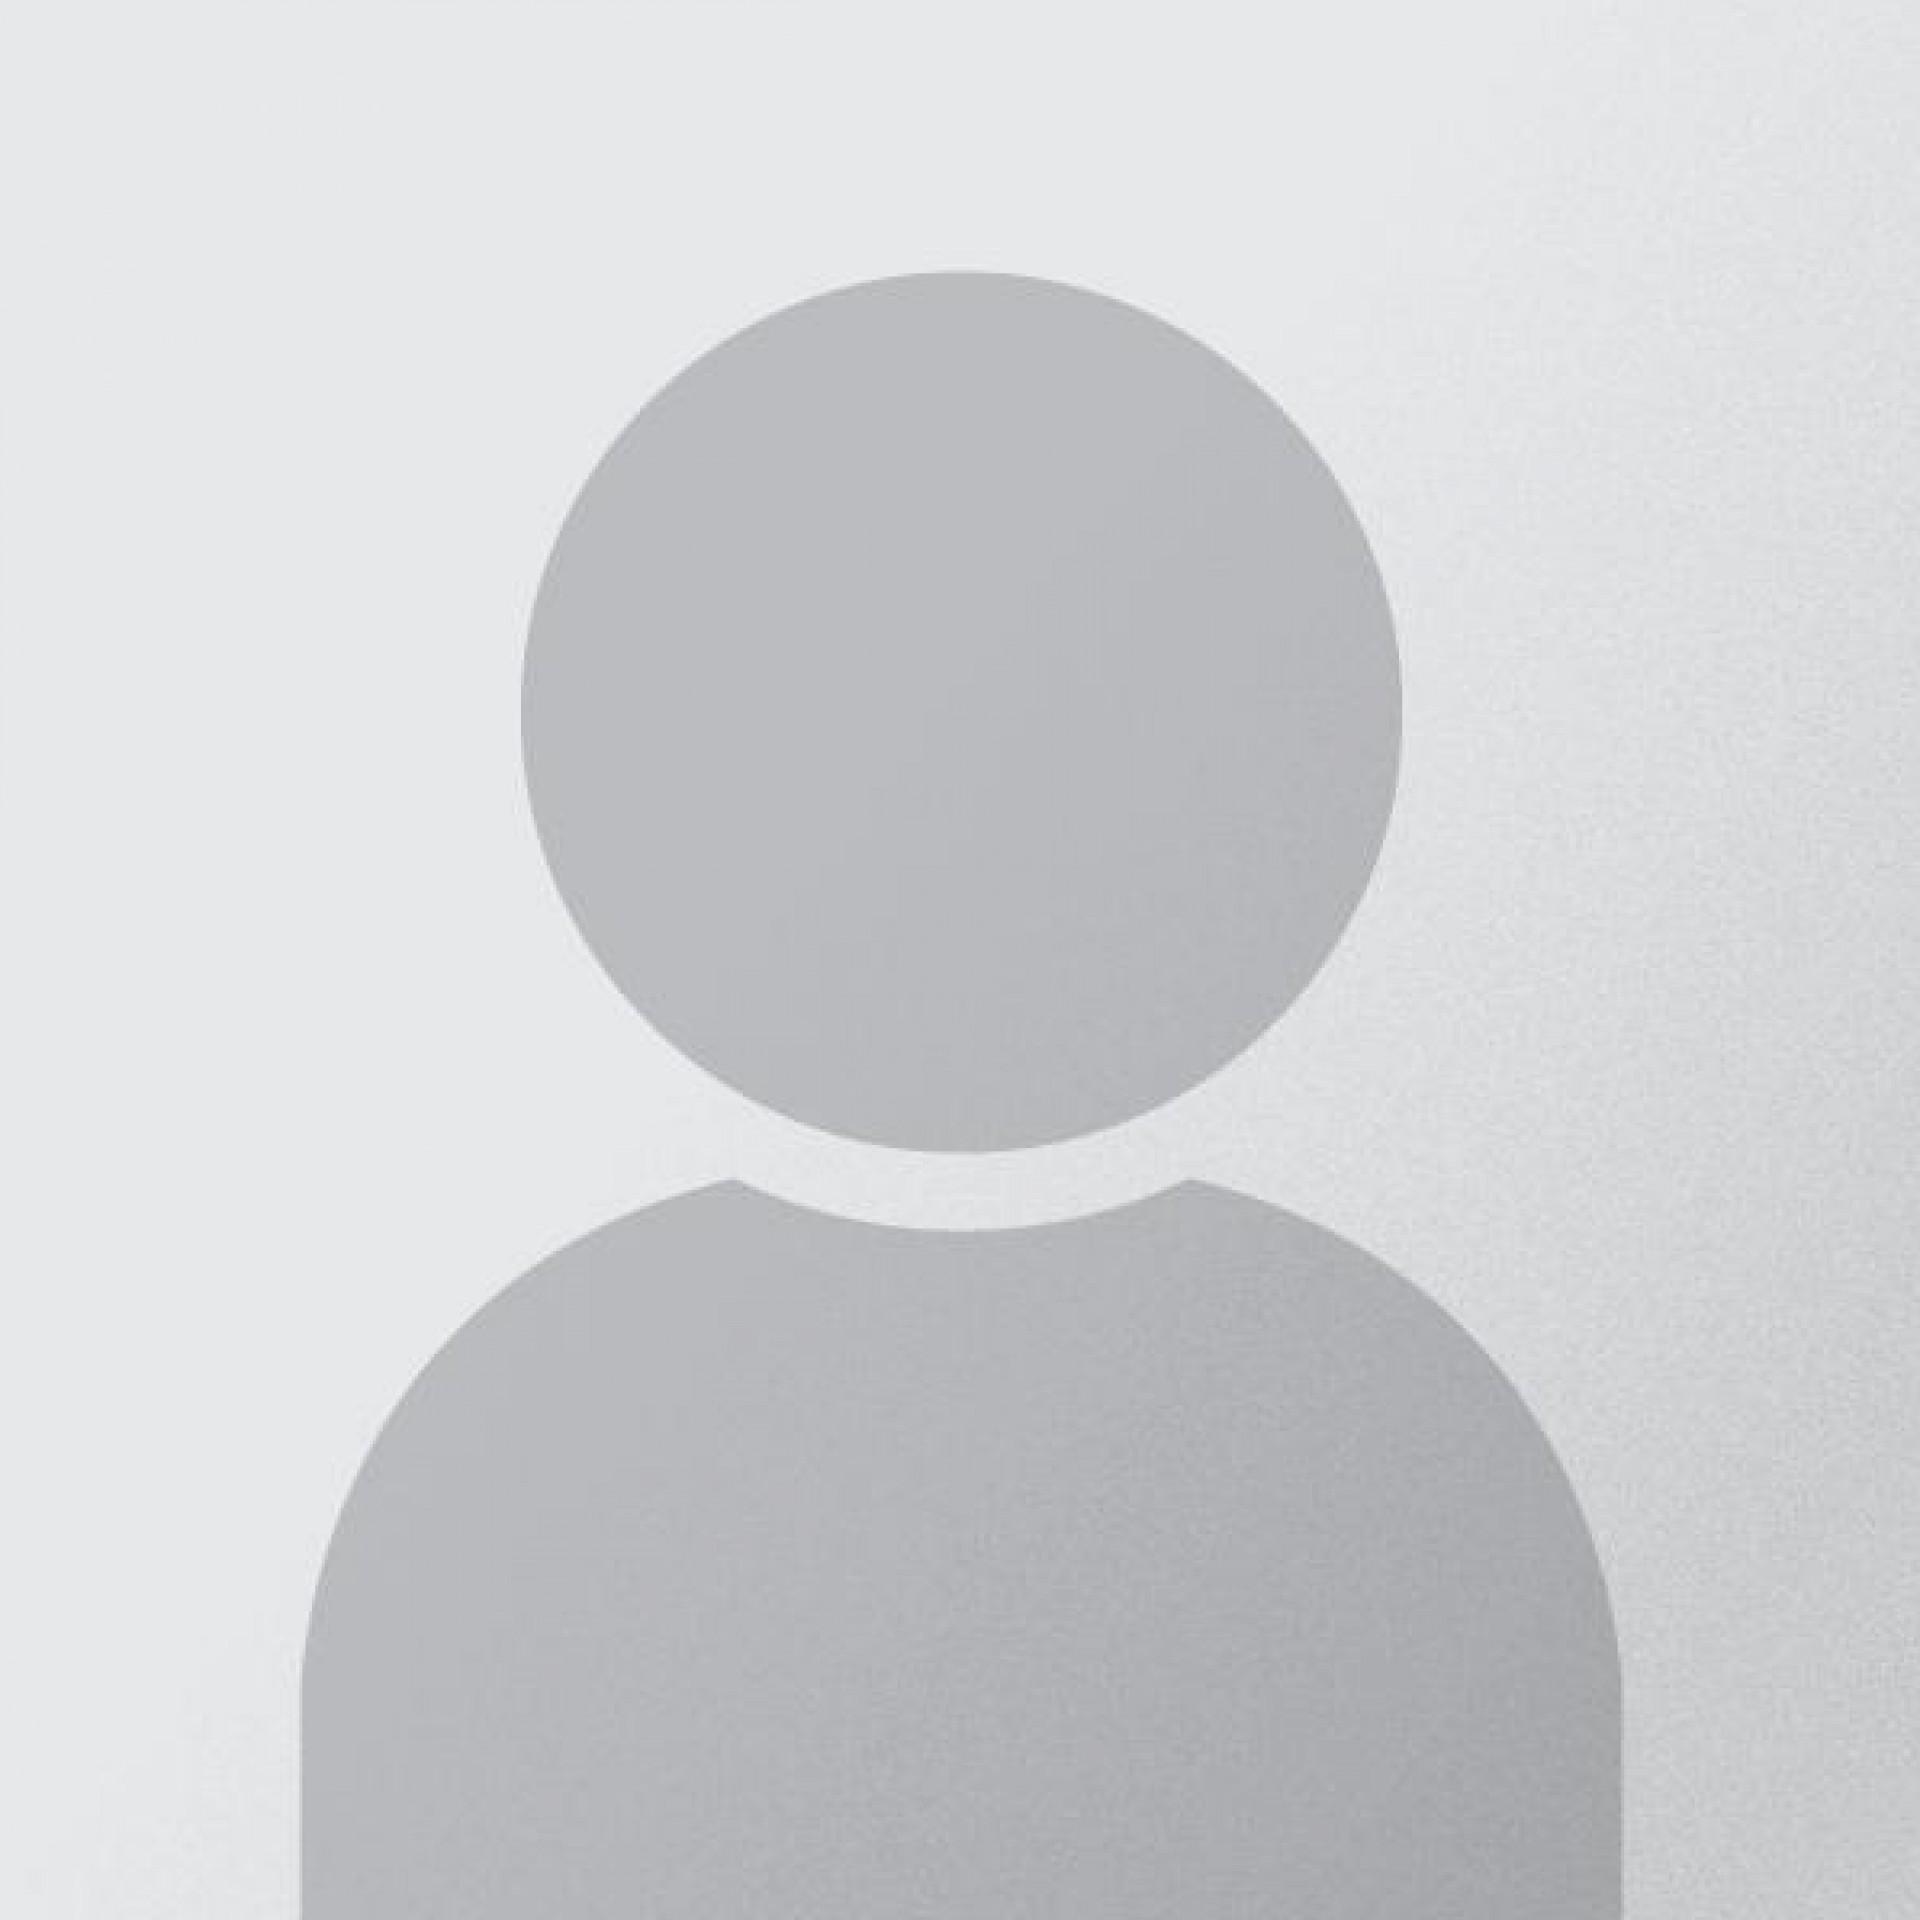 fotografia p021 profilu 0102H9N3H0